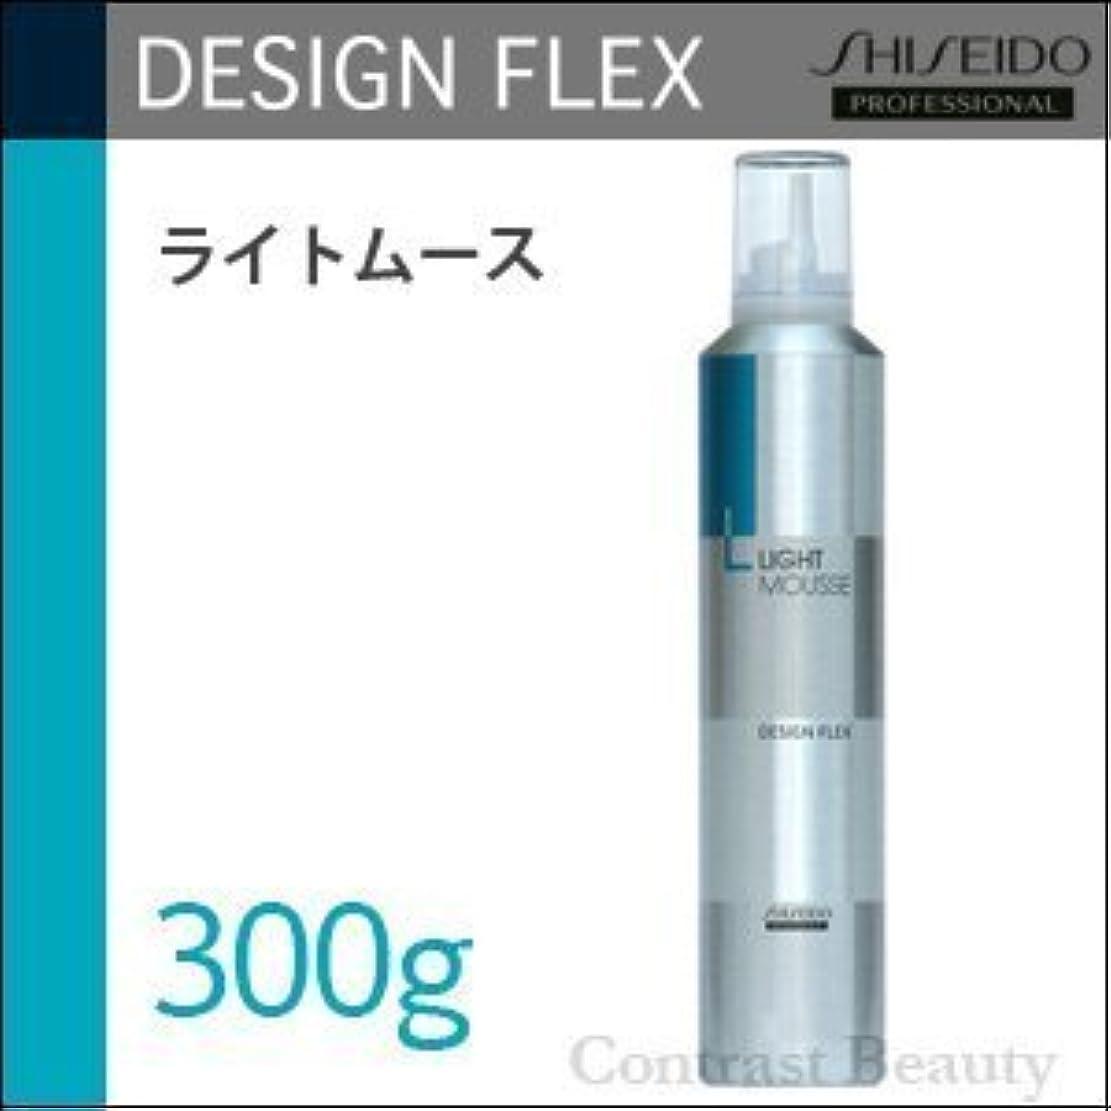 調和極貧足枷資生堂プロフェッショナル デザインフレックス ライトムース 300g